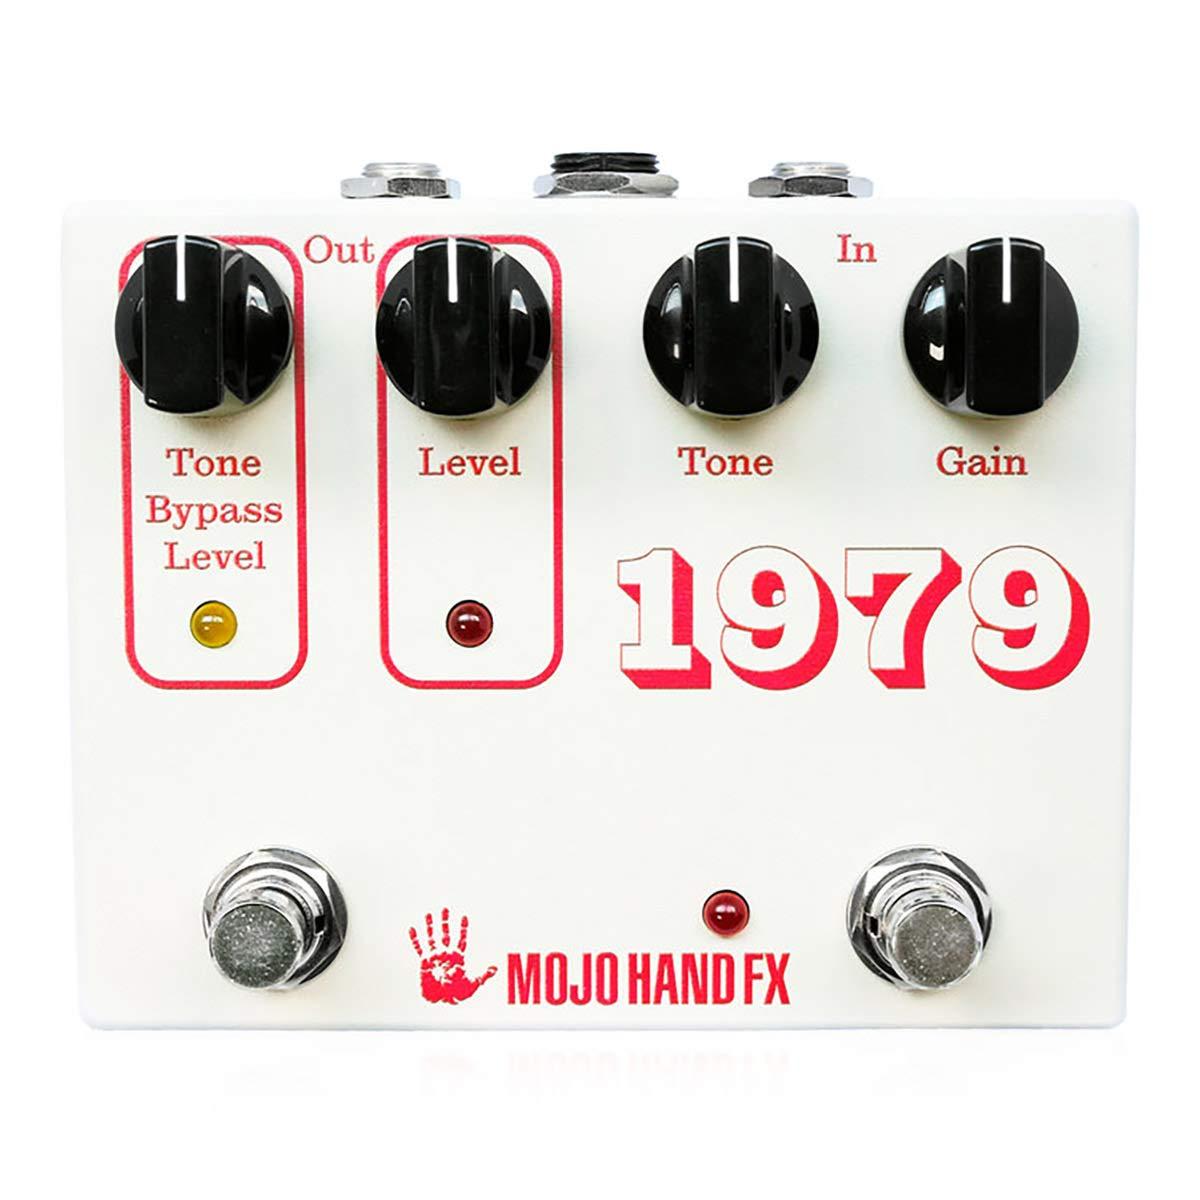 リンク:1979